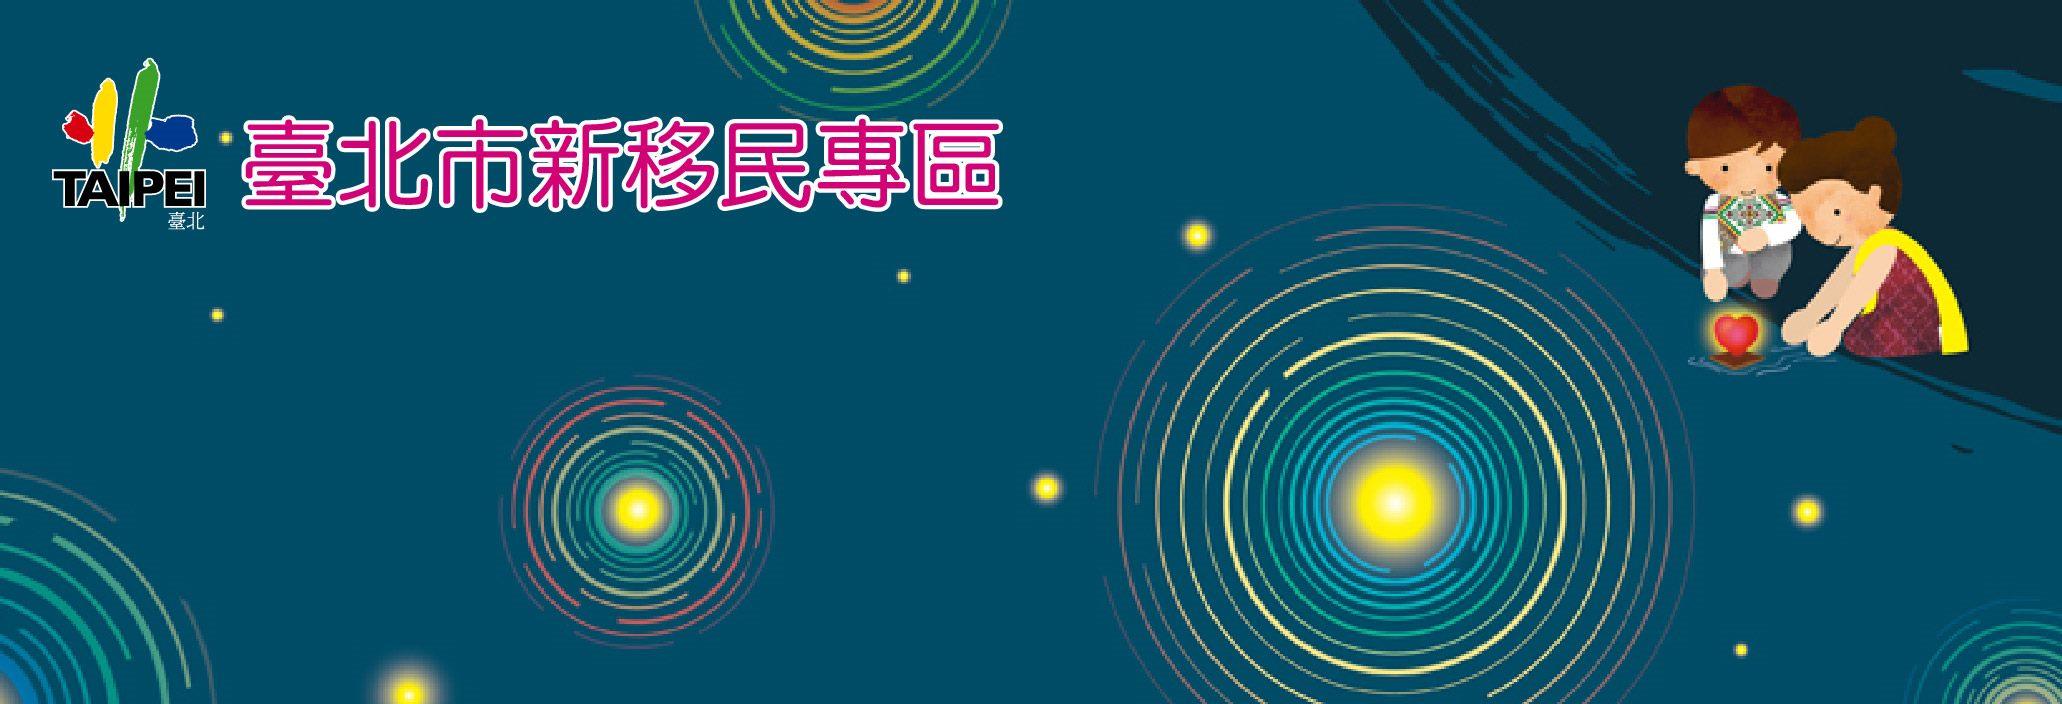 2018水燈節_banner